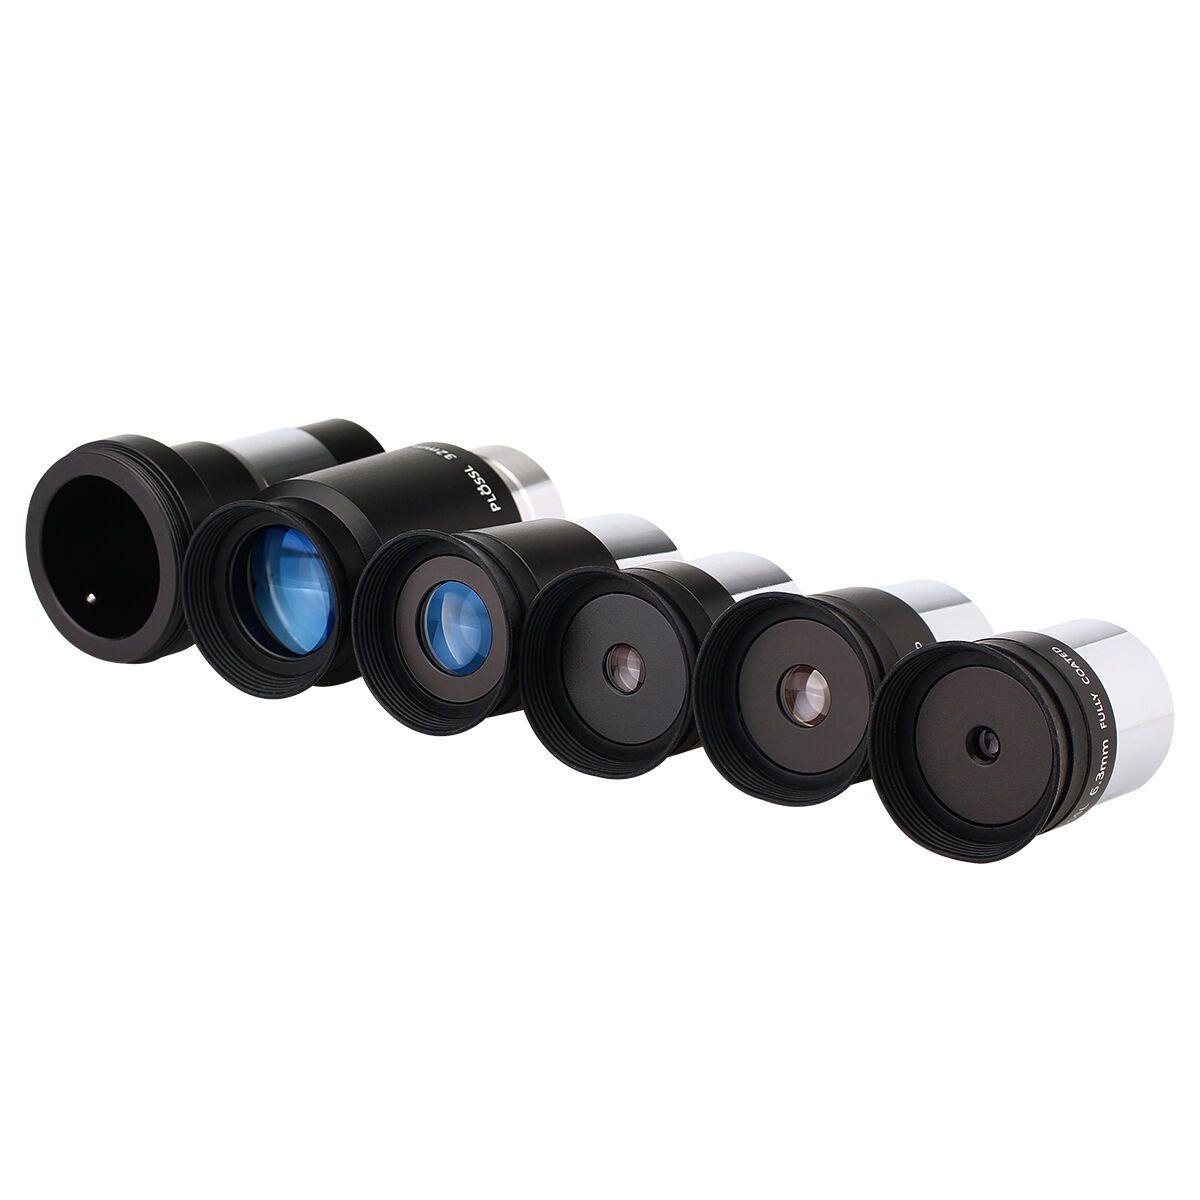 Kit Ocular Plossl